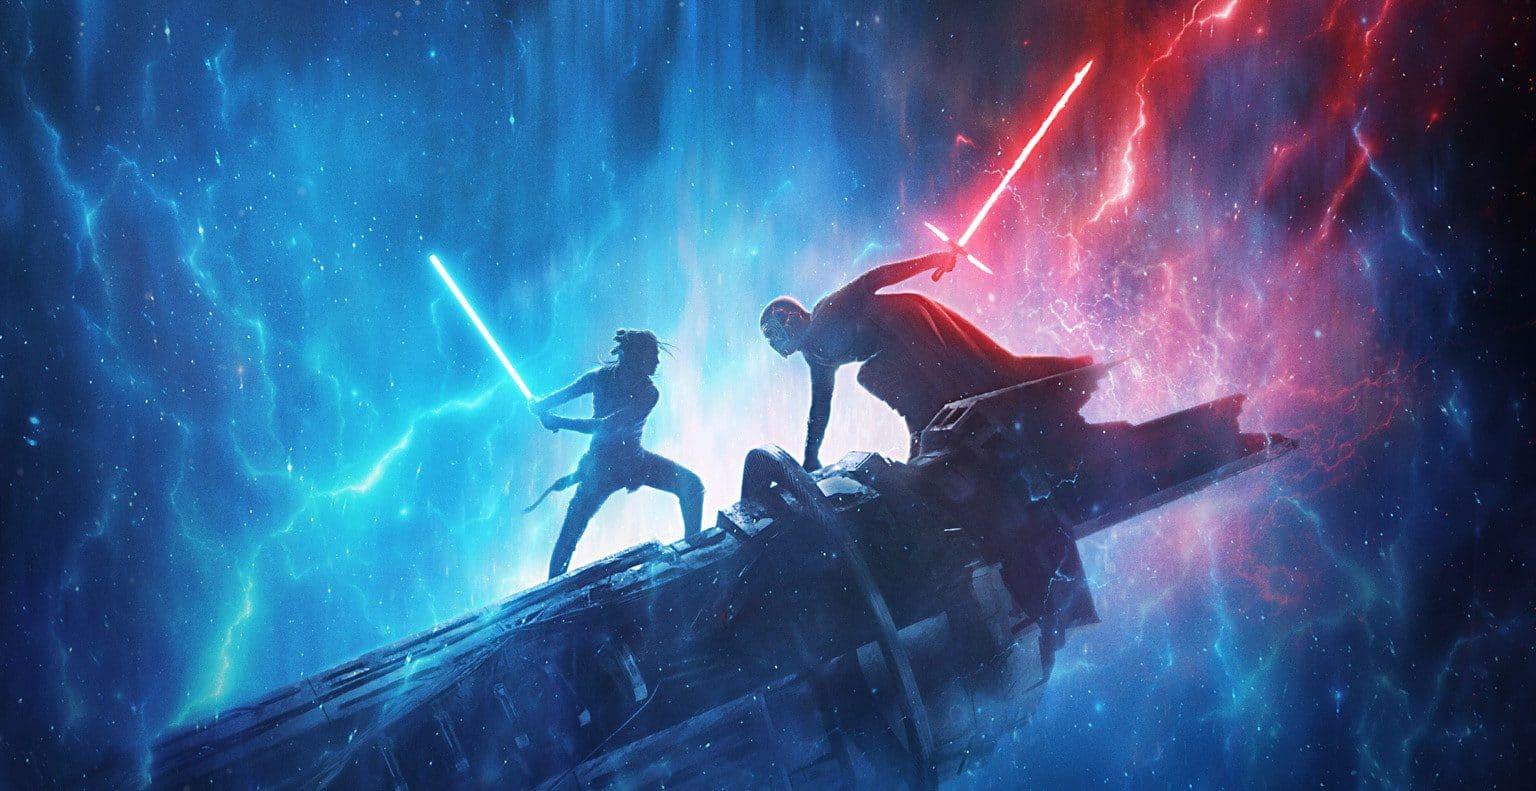 Star Wars, de Force en de Vrijmetselarij